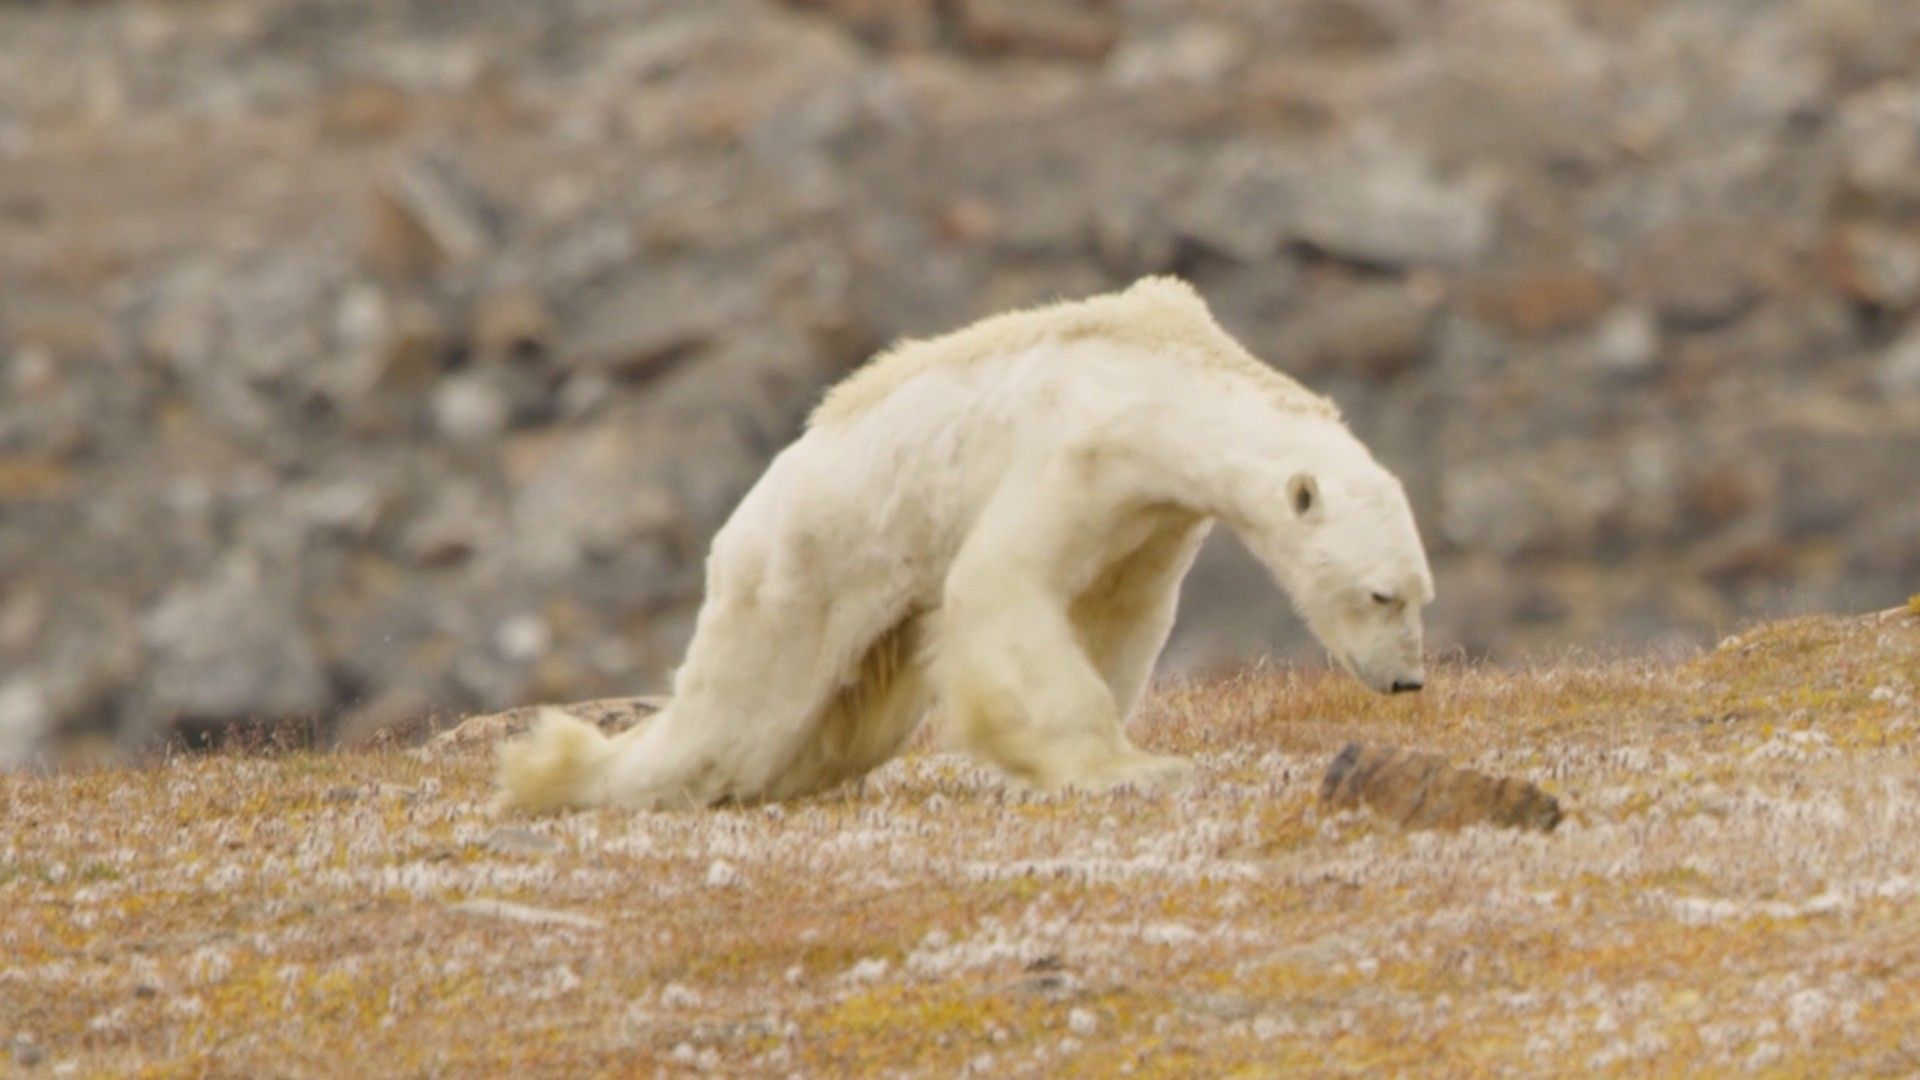 Eisbär verhungert in eisfreier Landschaft | National Geographic